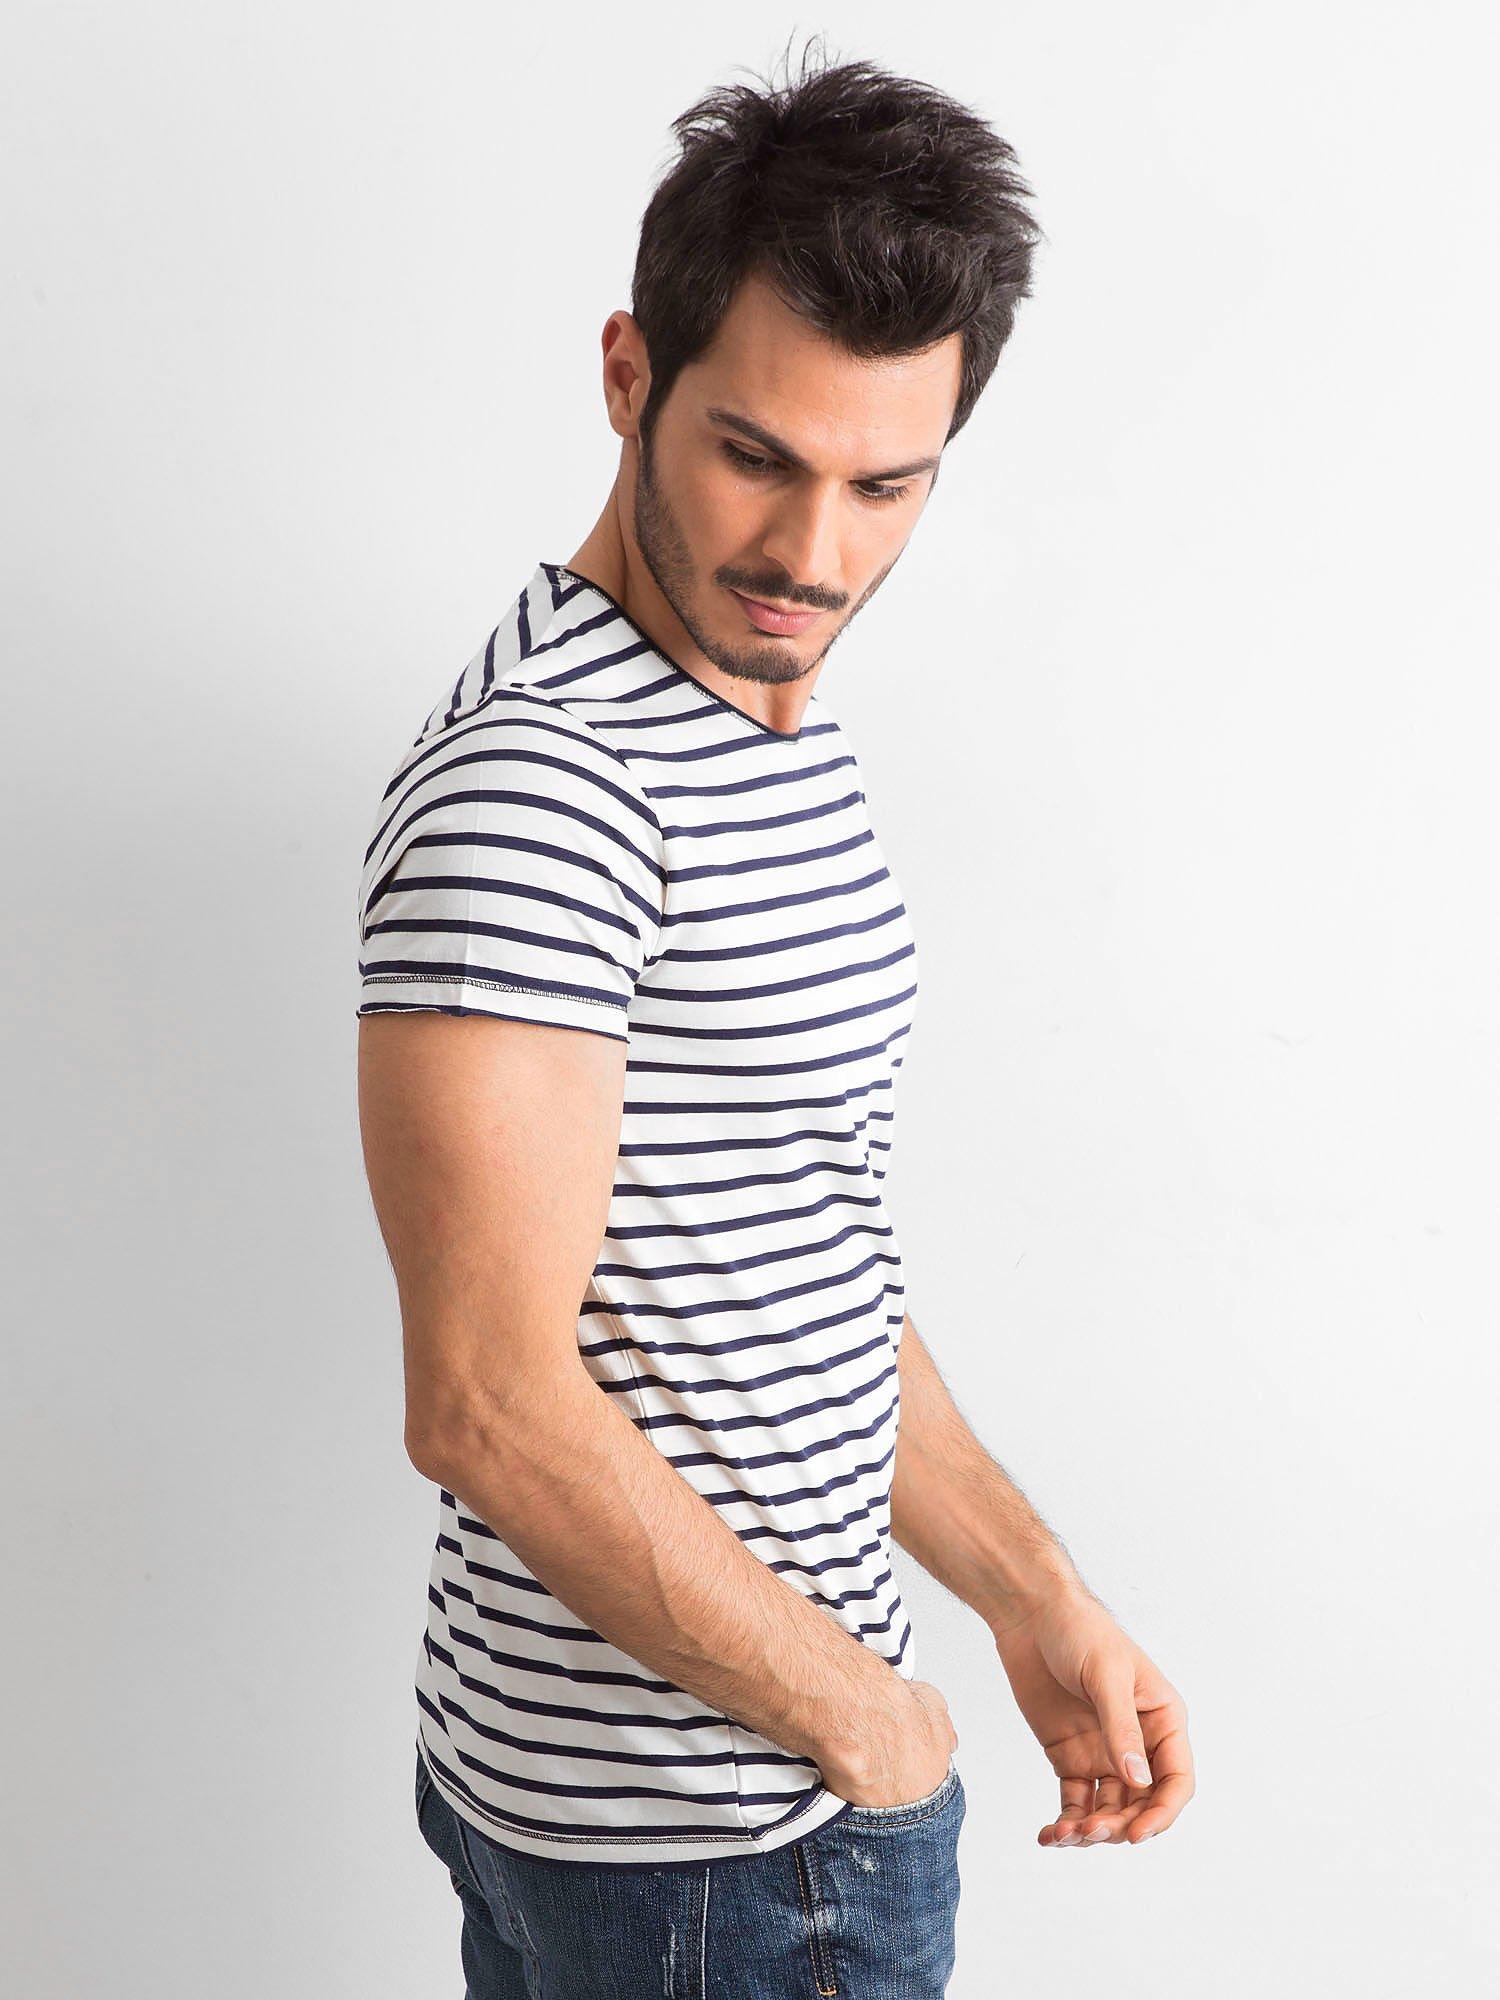 Pánské tričko s vodorovnými pruhy v odstínu tmavě modrá